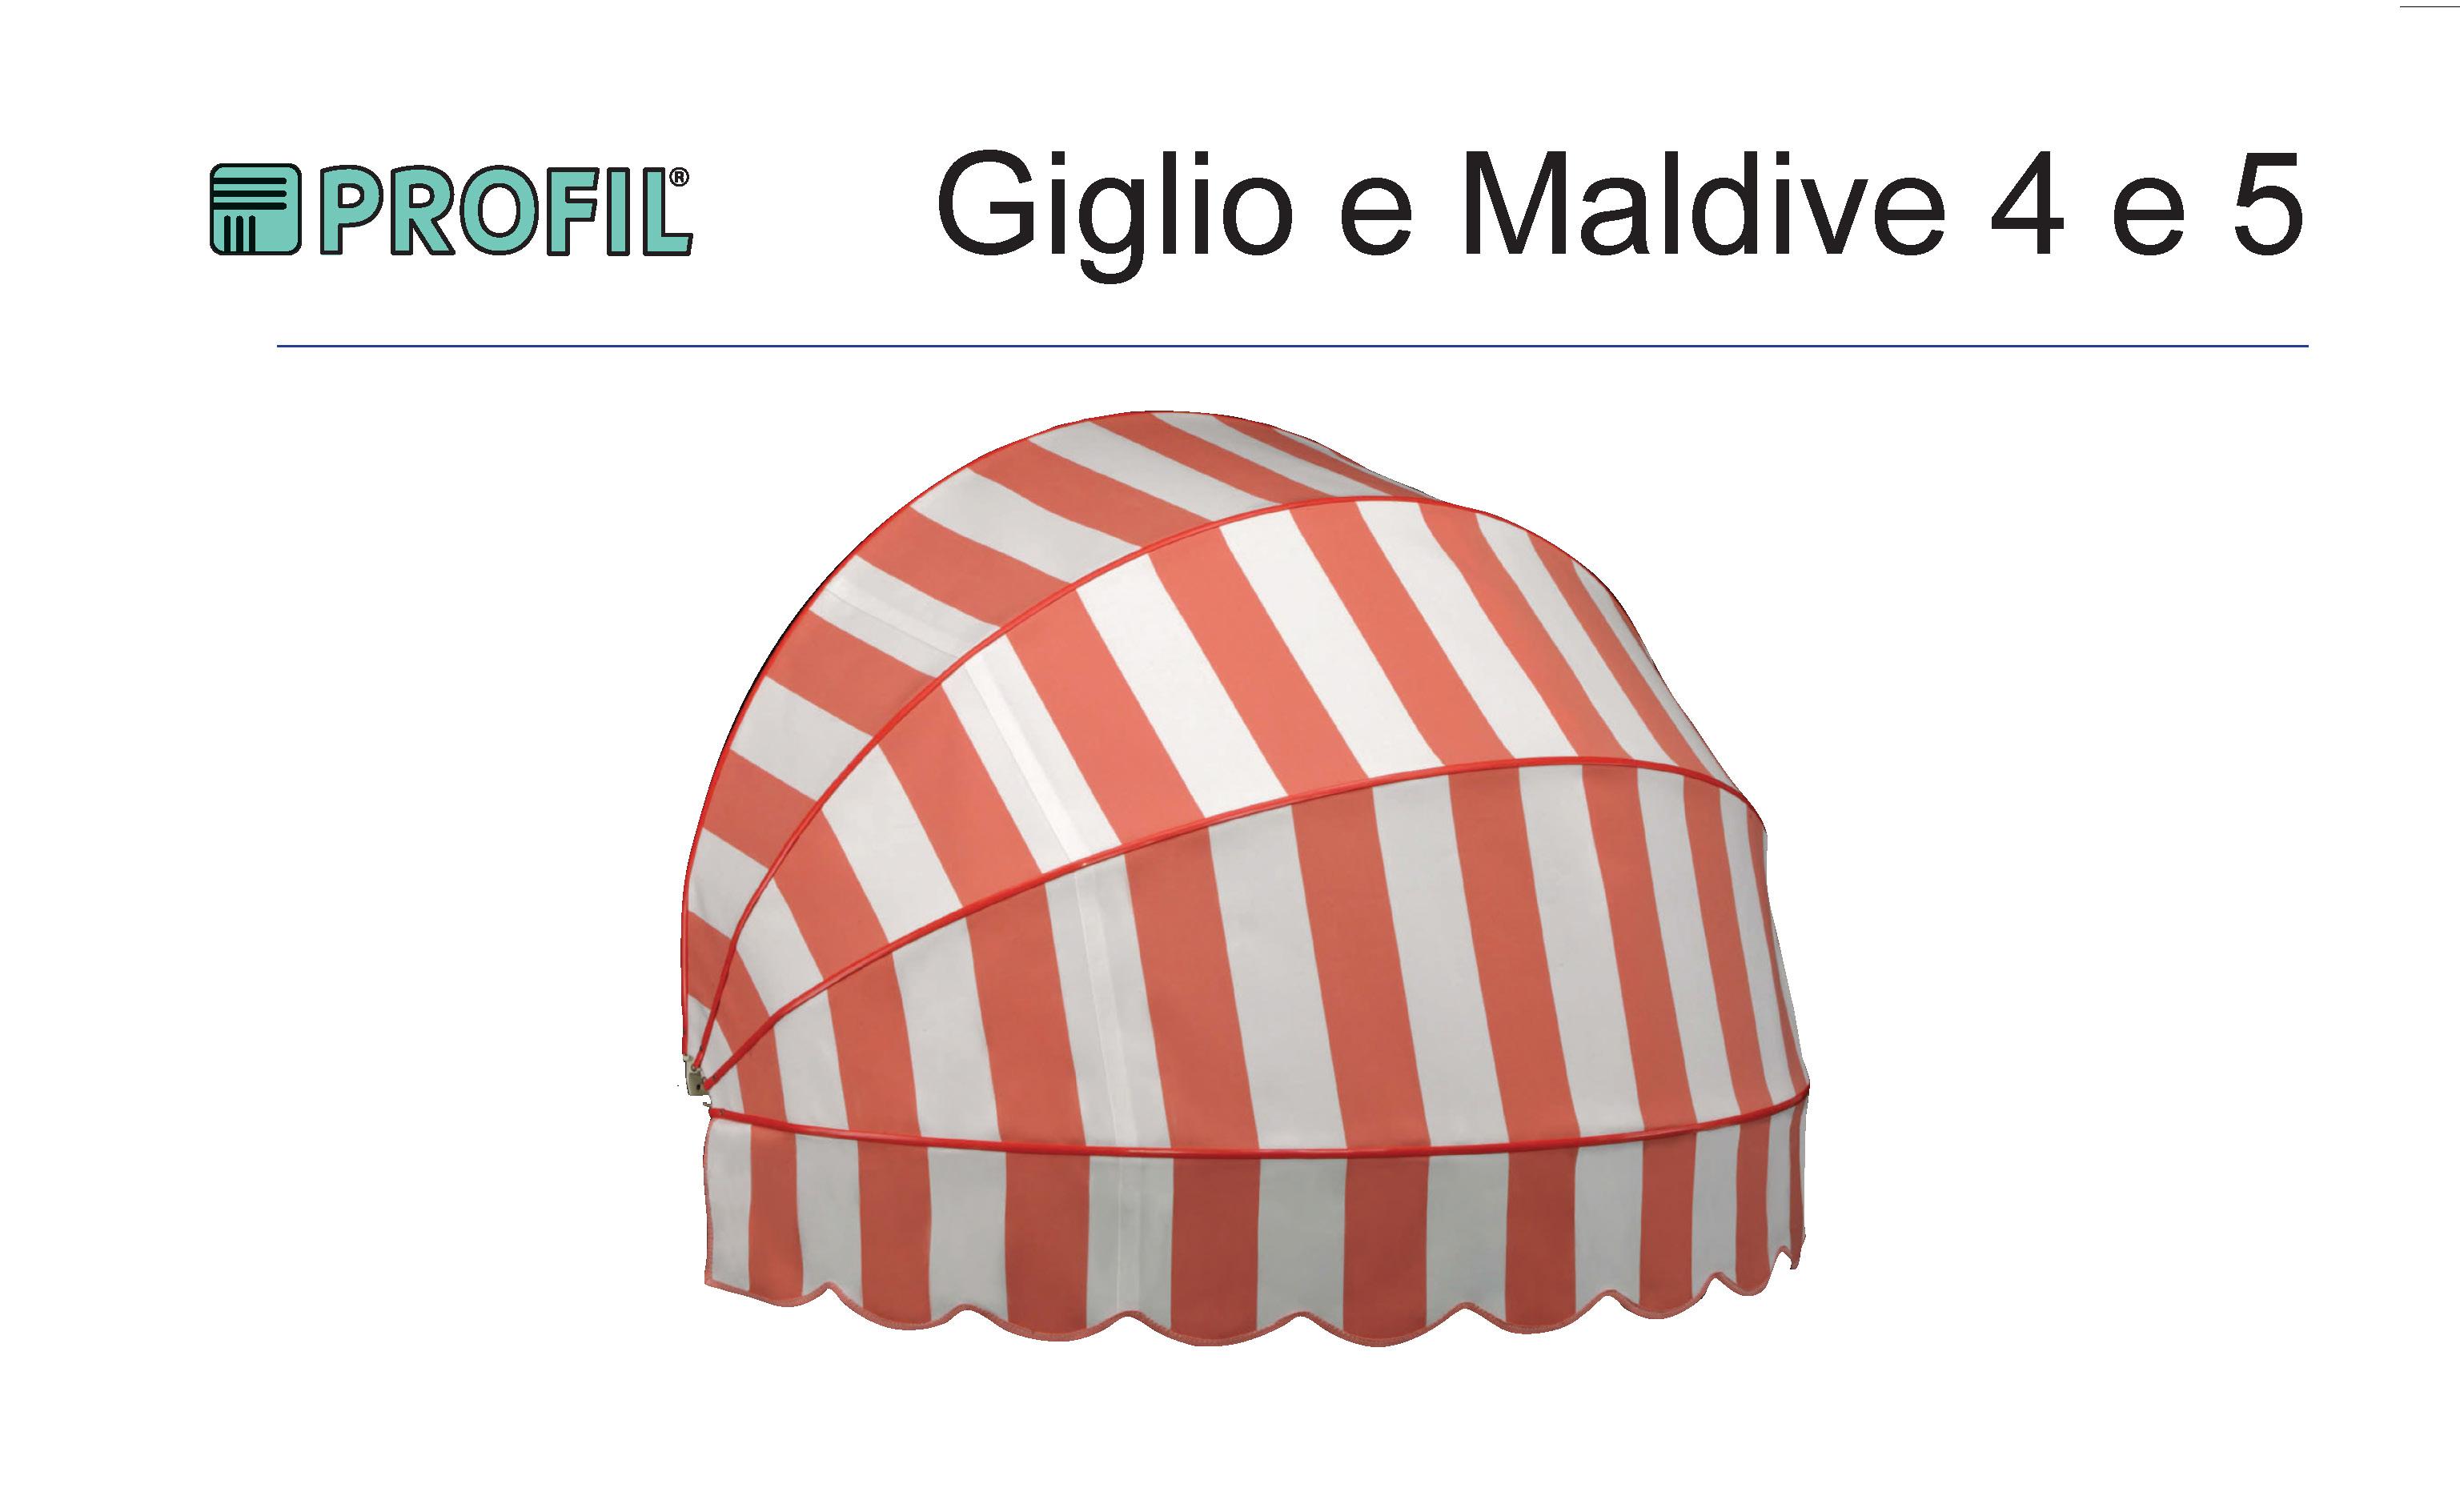 Giglio_Maldive